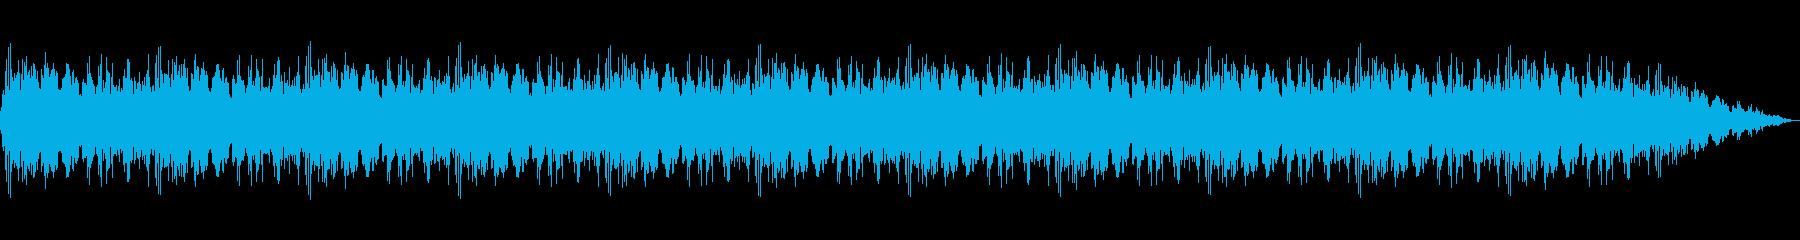 60秒のパトカー・サイレン・警察・緊急音の再生済みの波形